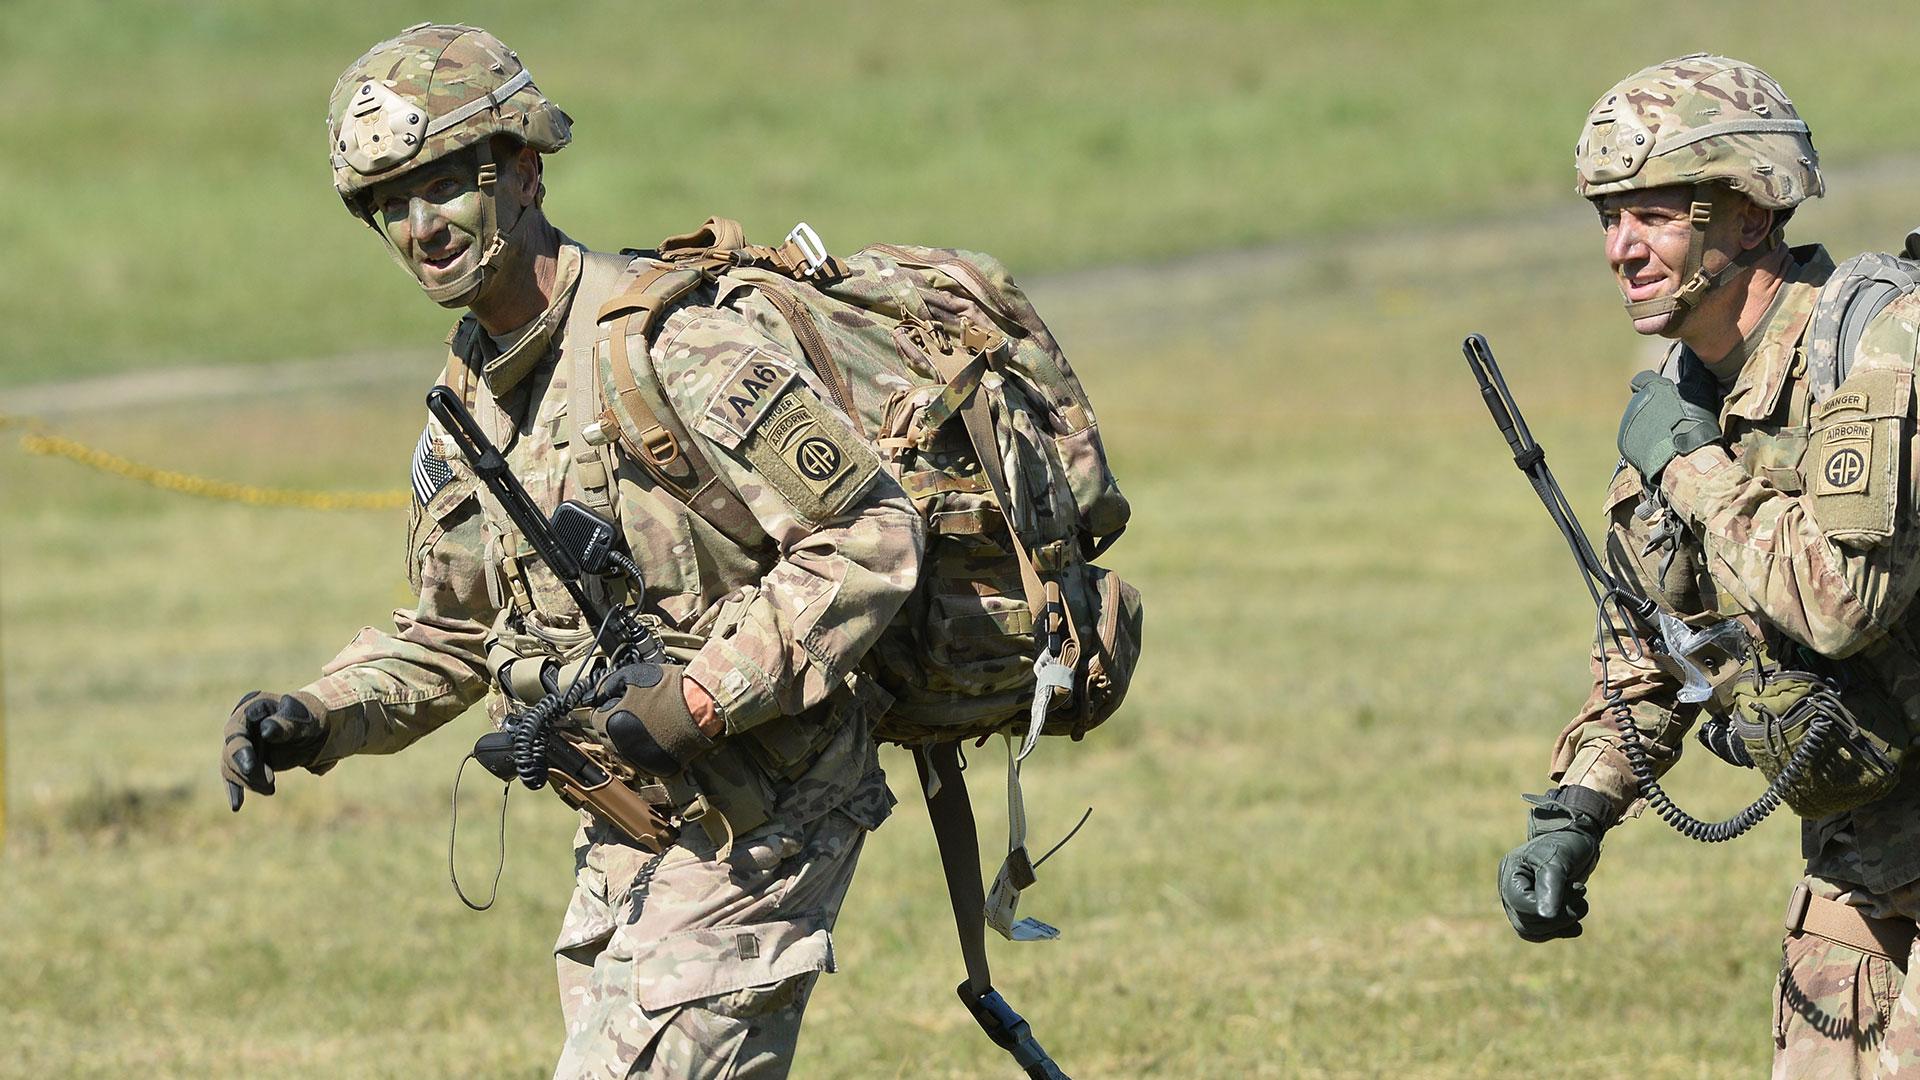 El comandante de la 82.ª División Aérea de los Estados Unidos, General Richard D. Clarke, completamente camuflado (AP)